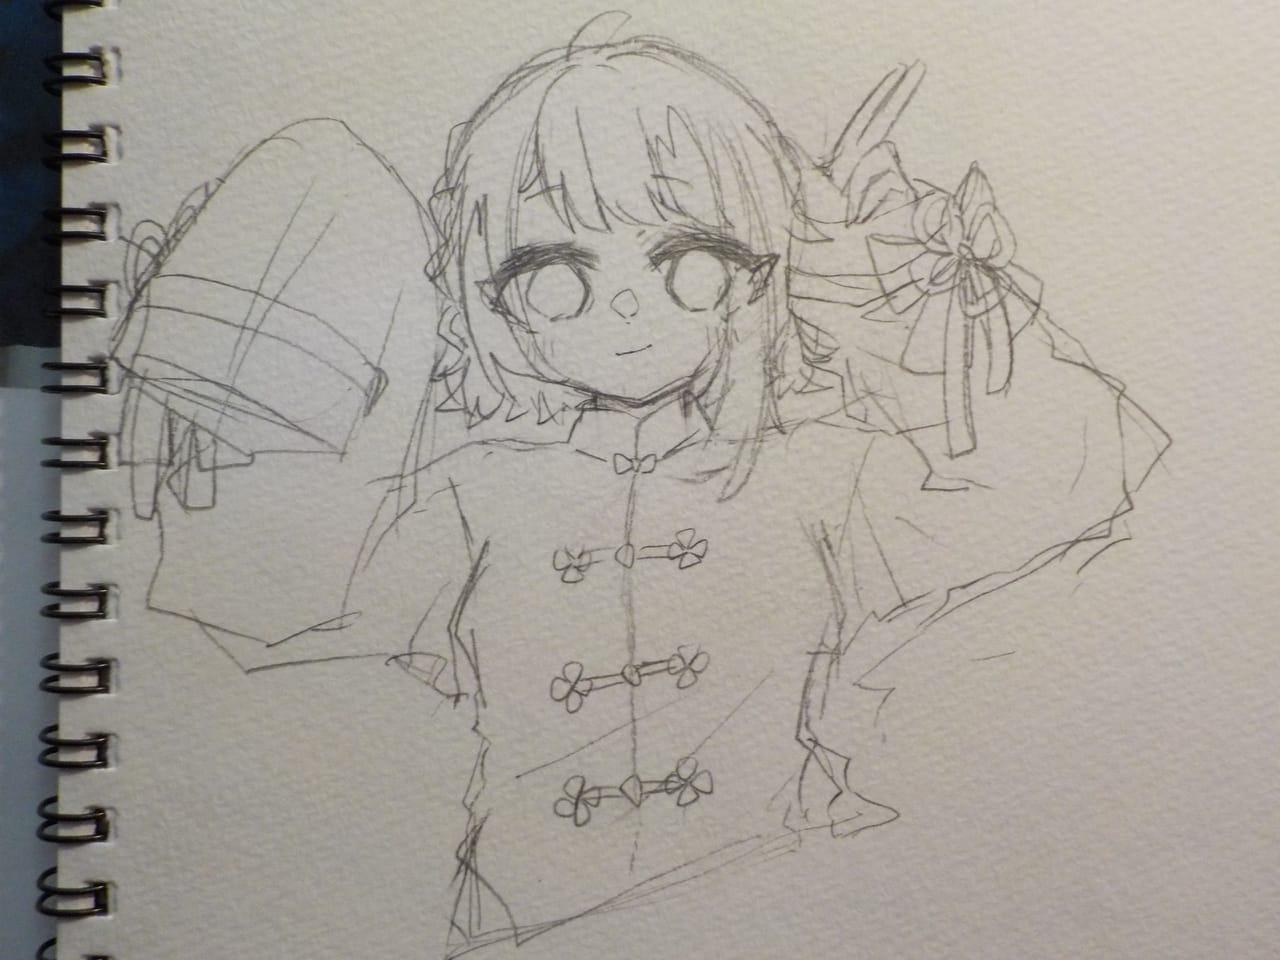 たまにはラフ。 Illust of めだまやき#中2病 Copic angel チャイナ服 鉛筆描き アナログ アイコン用 kawaii